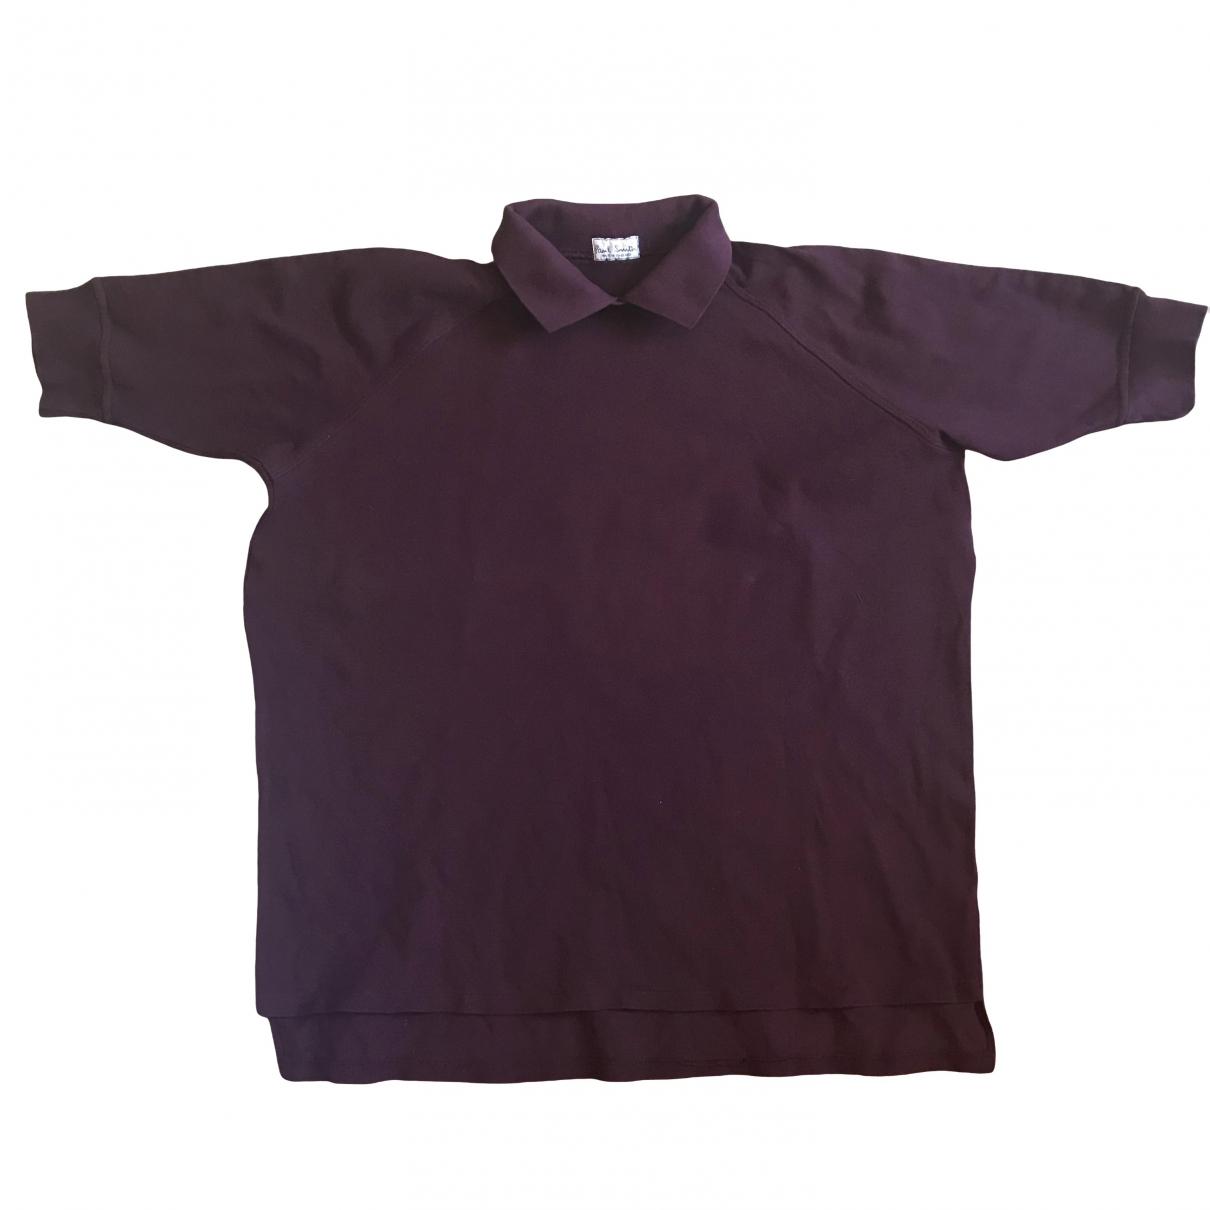 Paul Smith - Polos   pour homme en coton - bordeaux